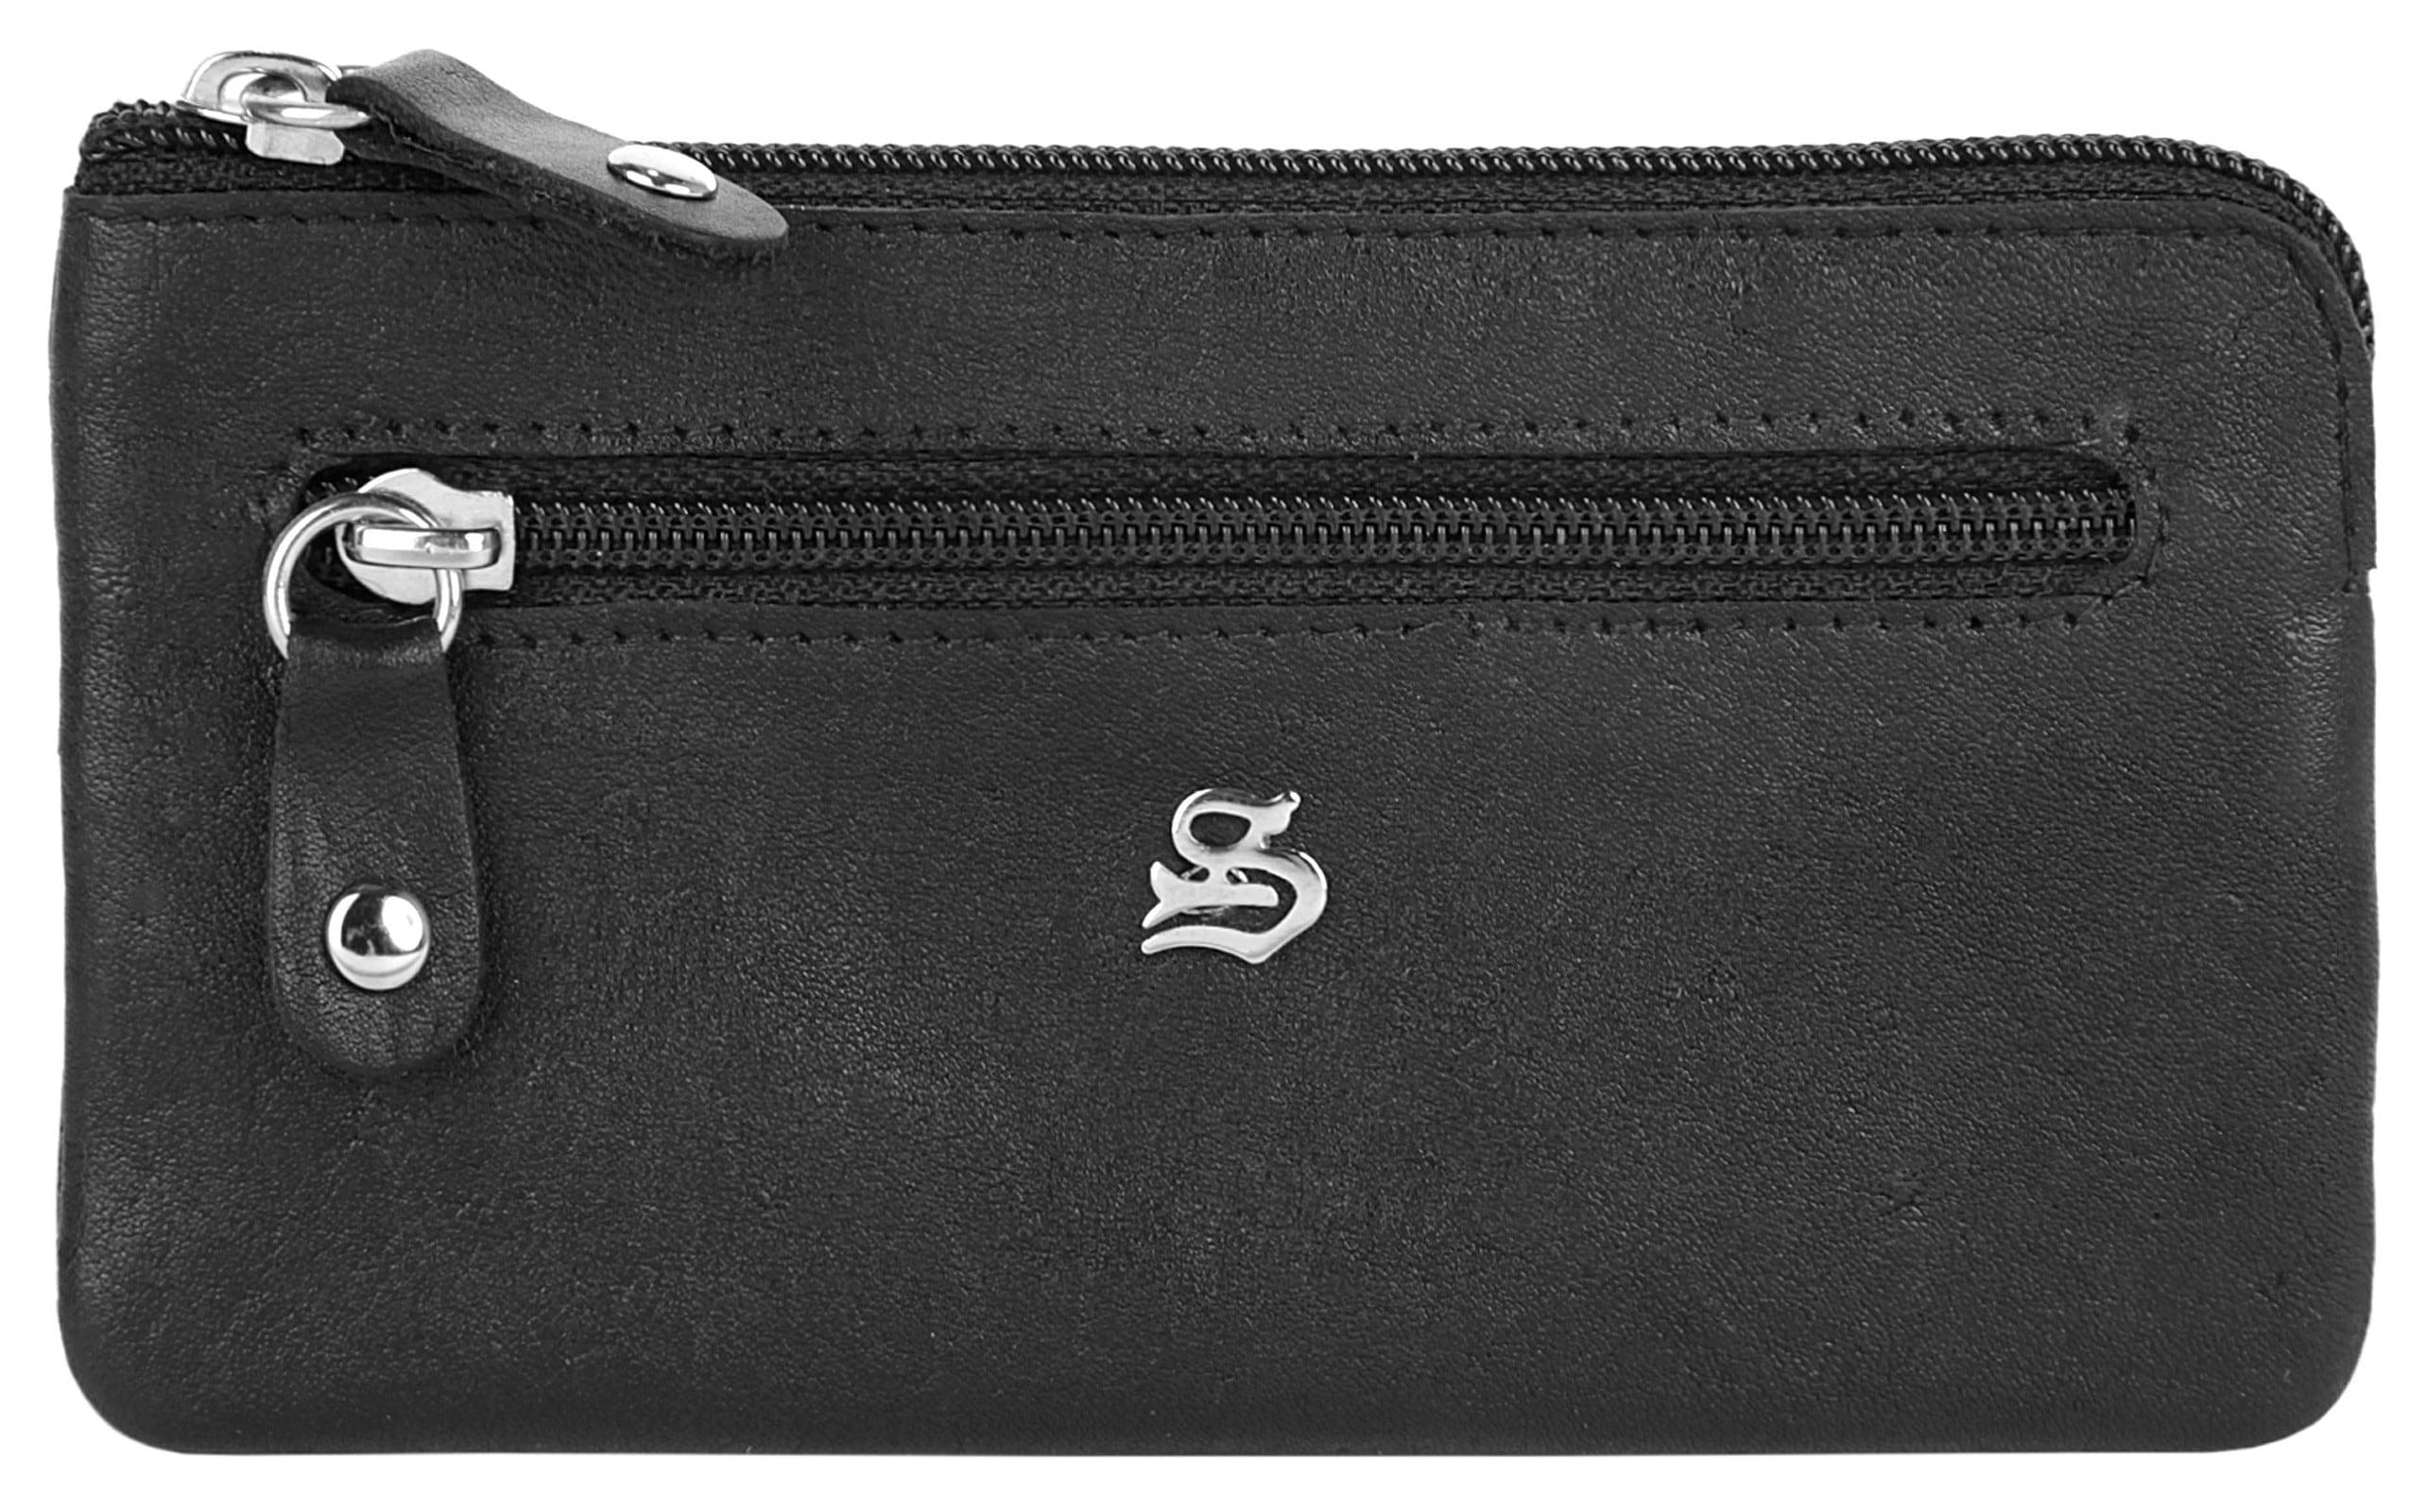 Szuna Schlüsseltasche Damenmode/Schmuck & Accessoires/Taschen/Schlüsseltaschen